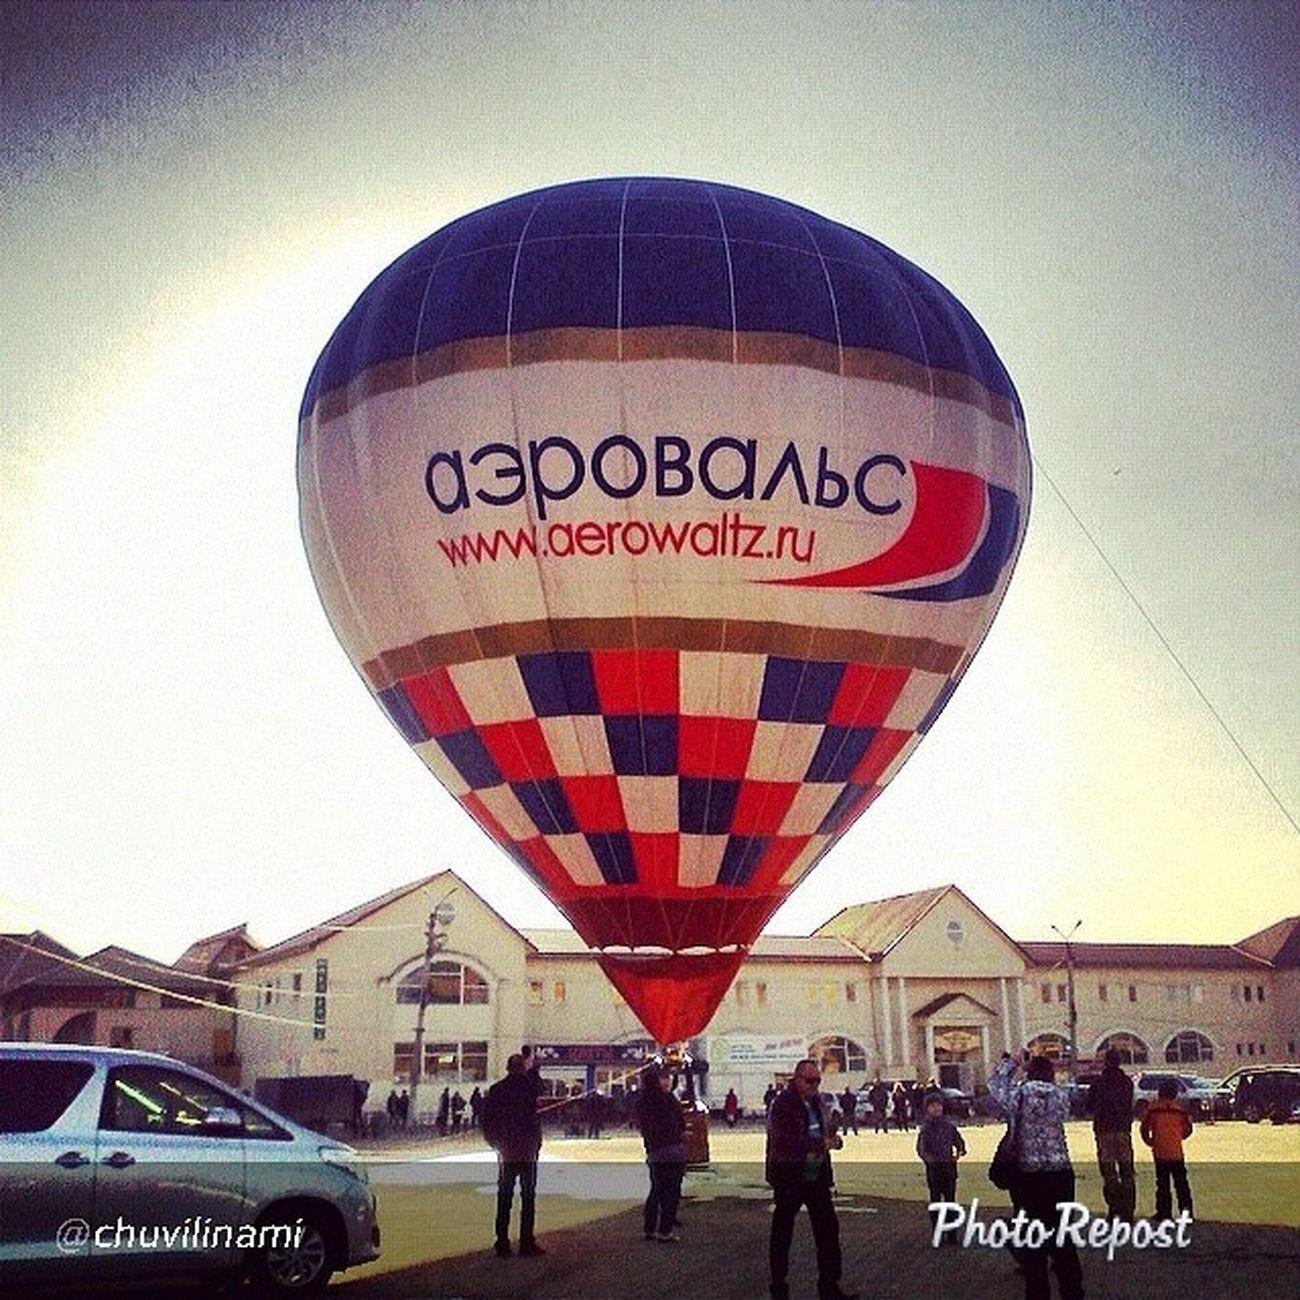 аэровальс на_большом_воздушном_шаре Полет полеты